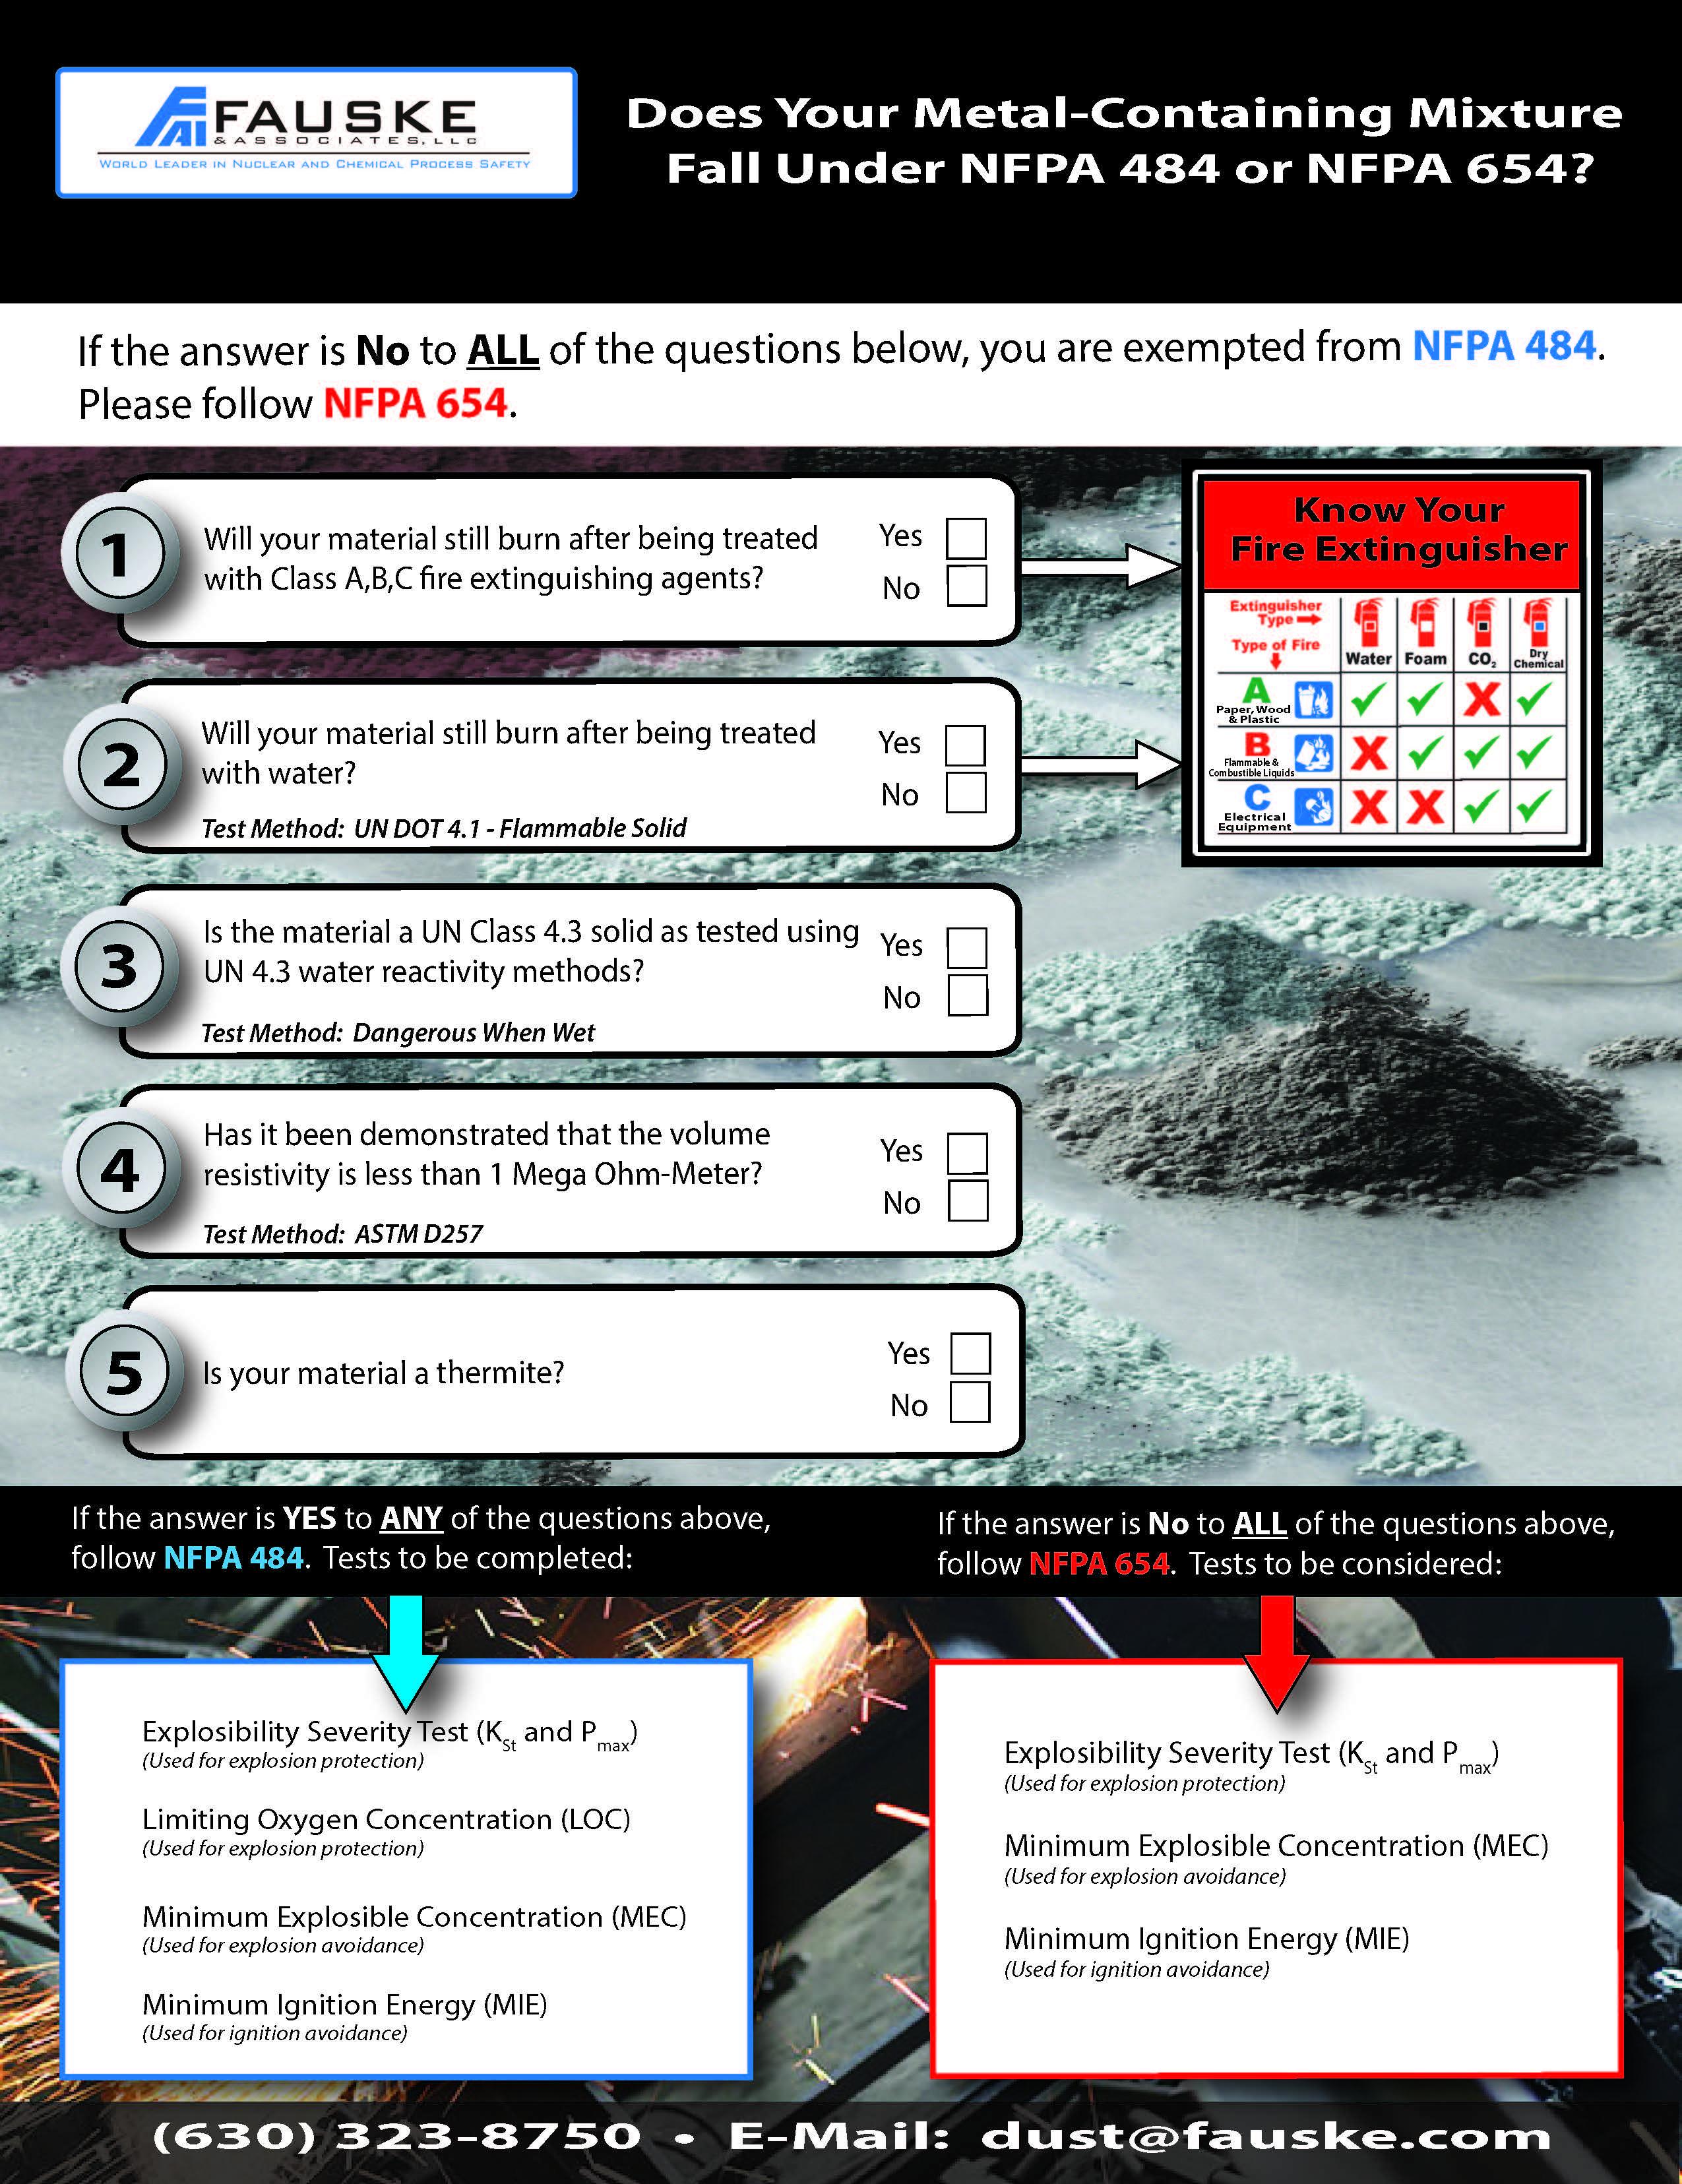 hazardous materials test combustible metal dust